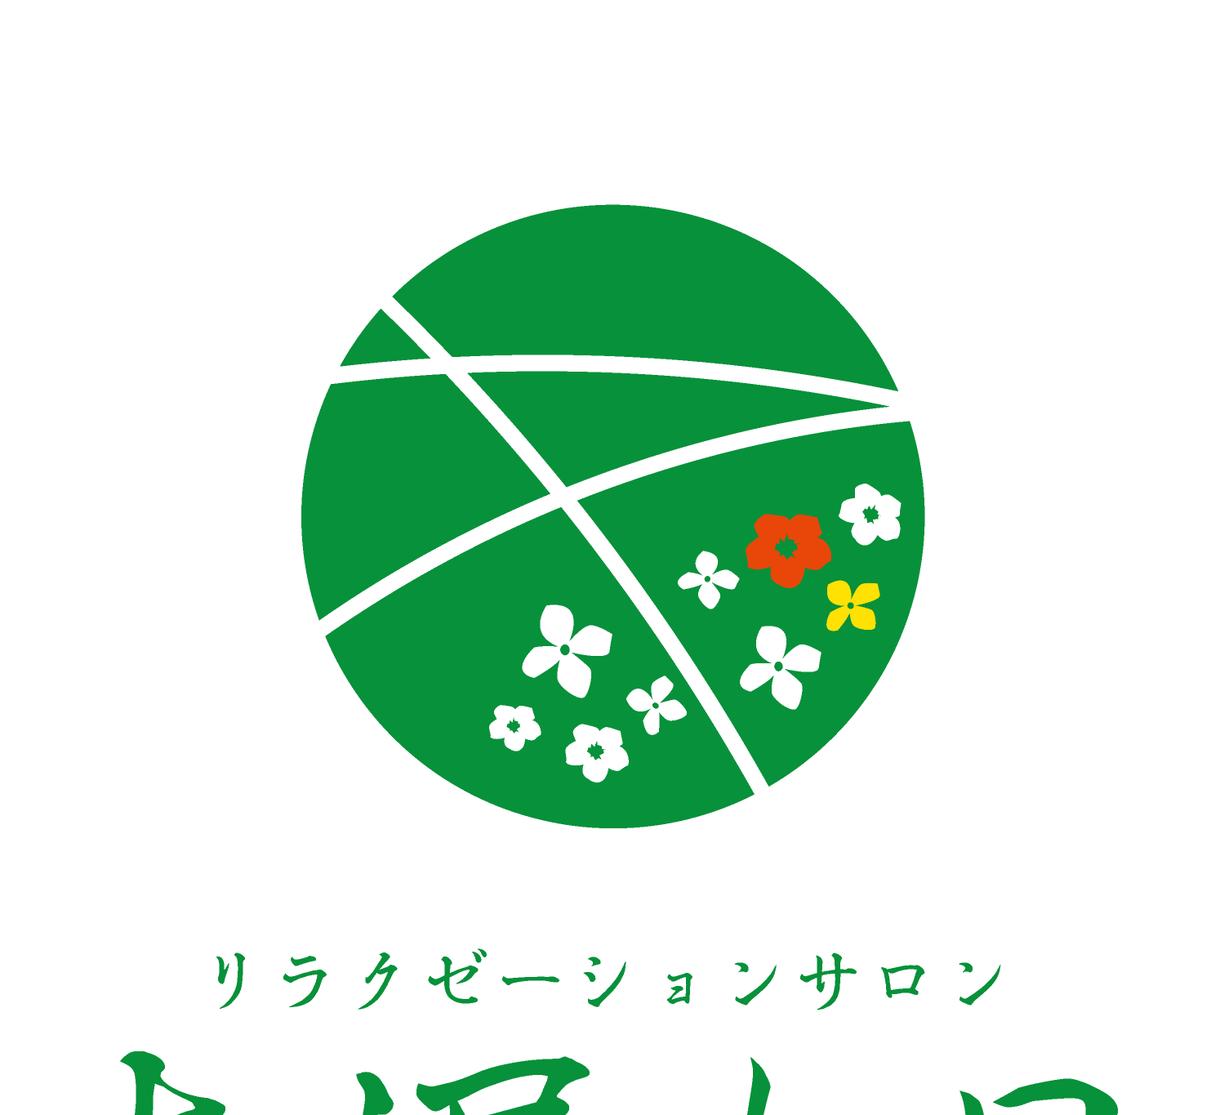 英文字限定オリジナルロゴマークを5つ提案します サロン、ブランド、ウェブサイト等のロゴマークをお探しの方へ